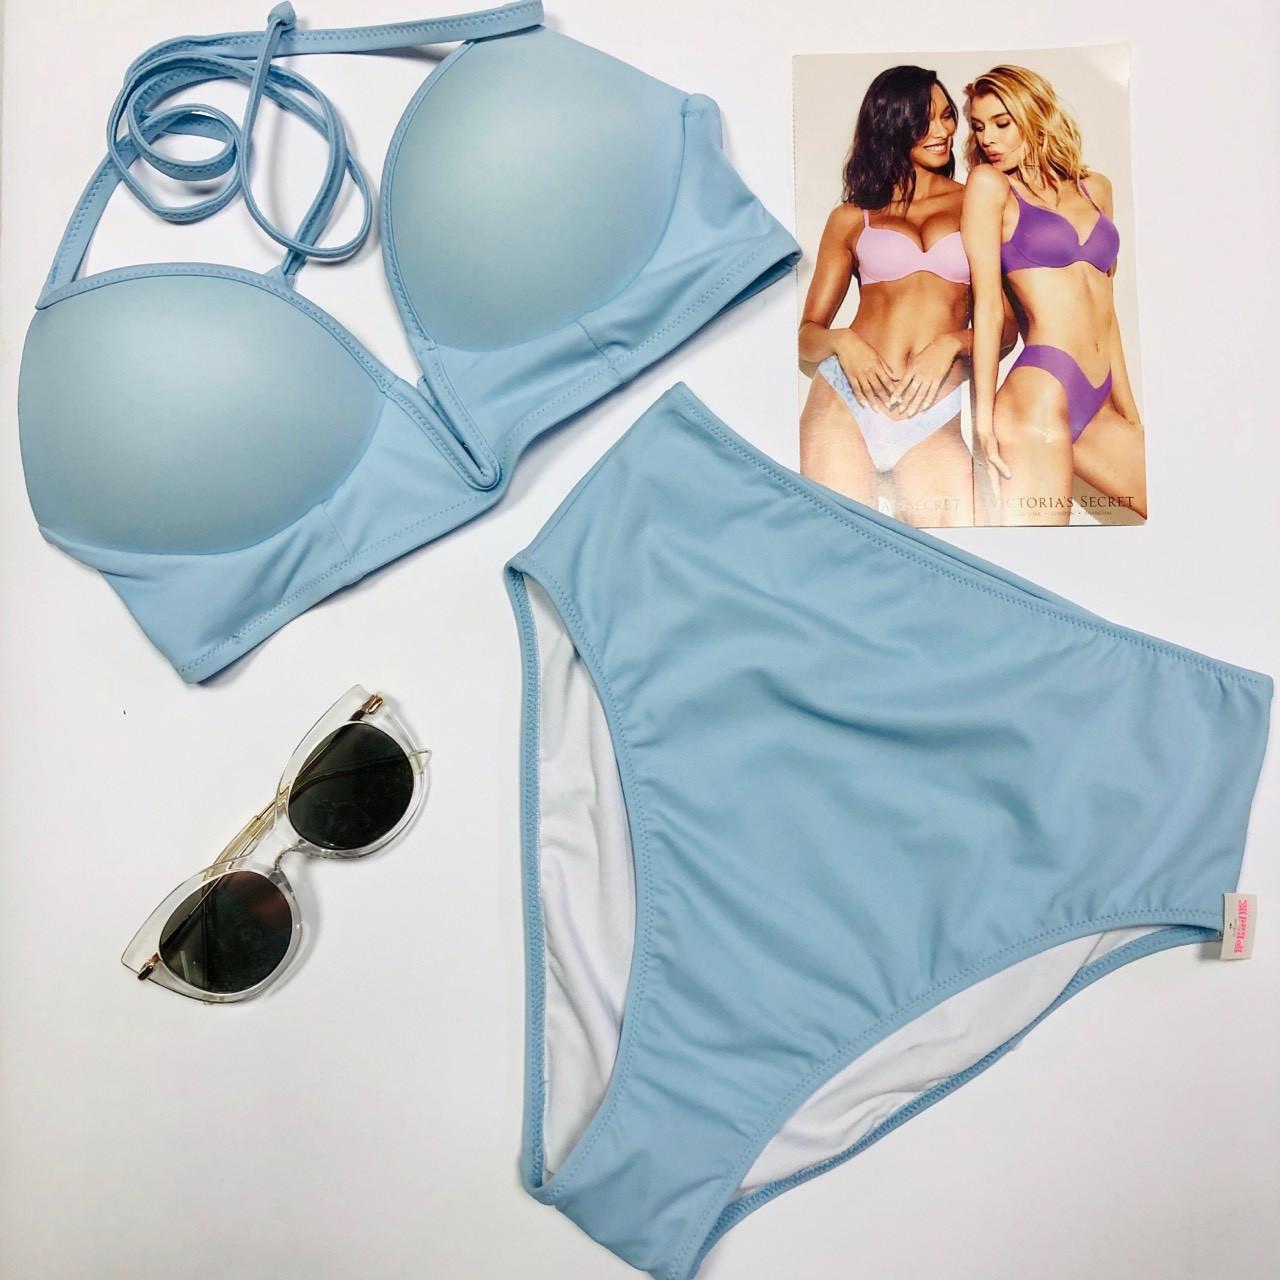 c363d3cb047d4 Victoria's Secret PINK Купальник с Высокими Плавками Виктория Сикрет ...